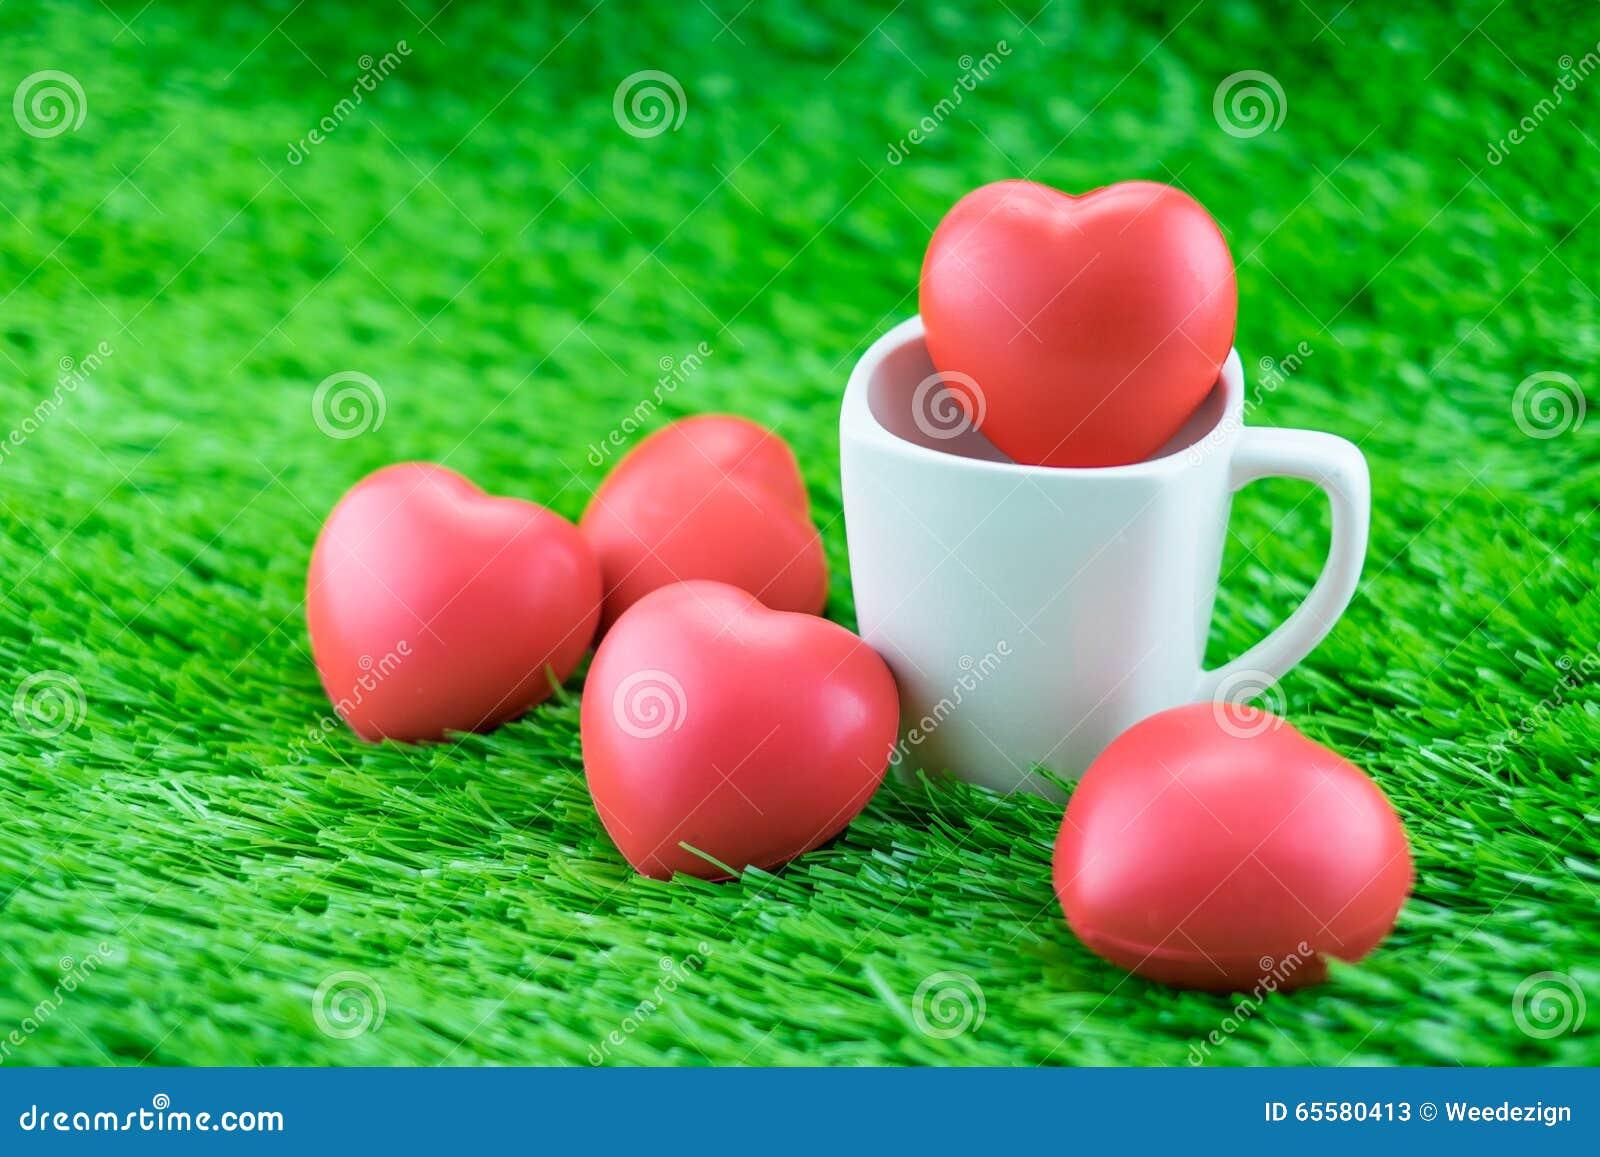 Coração vermelho no copo de café na grama, conceito do amor